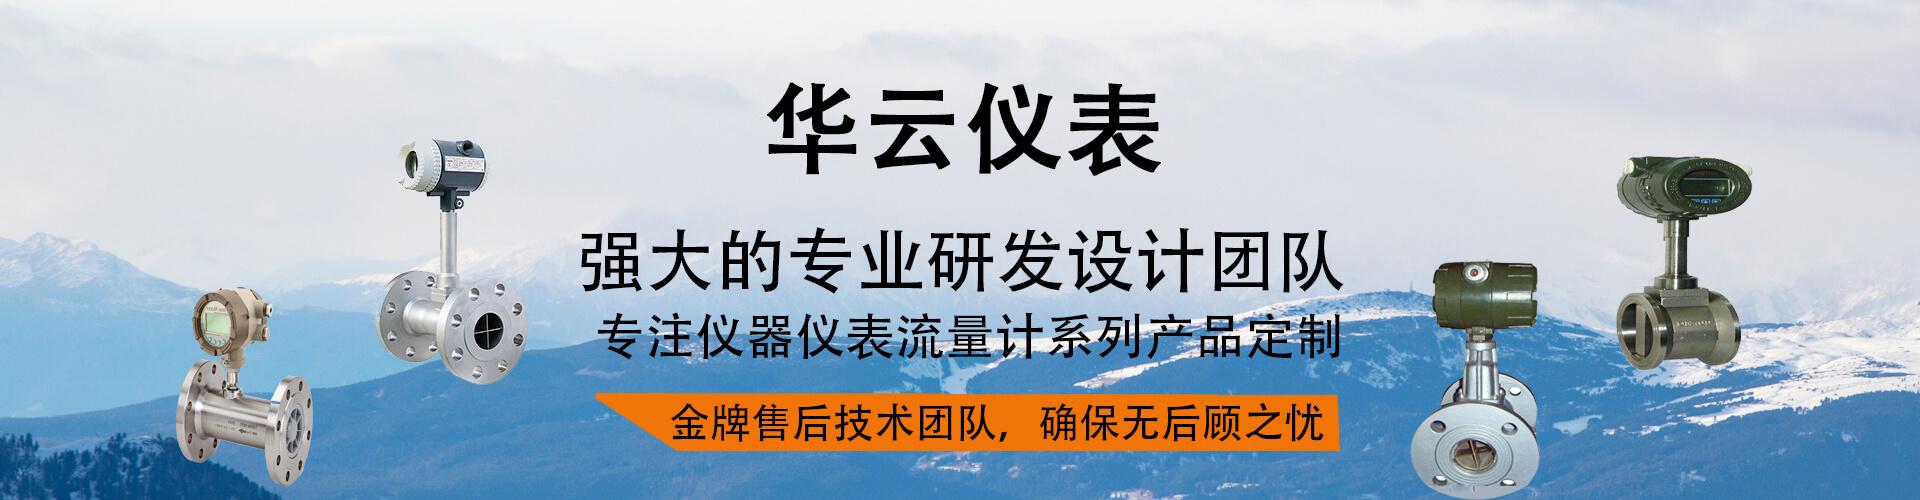 华云仪表,强大的专业研发设计团队